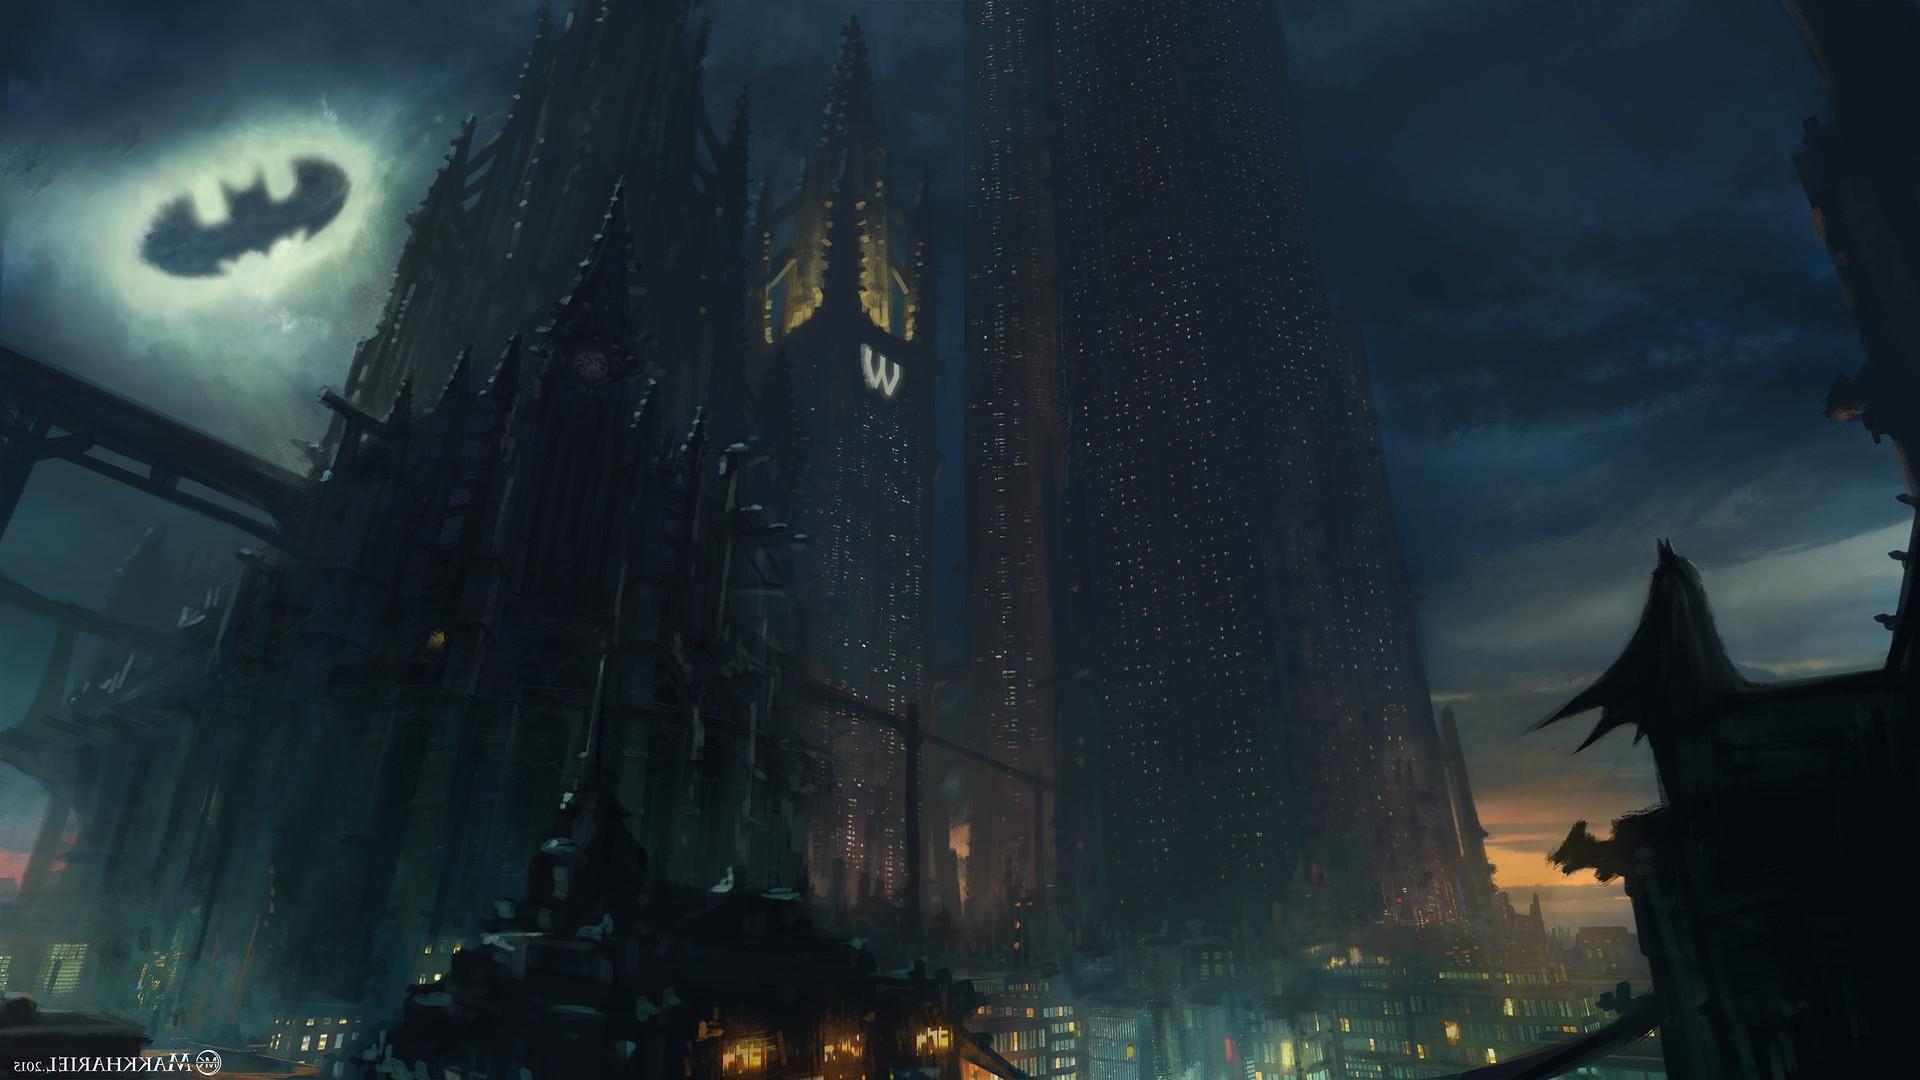 Batman, Artwork, Concept Art, Gotham City, DC Comics, Superhero, Skyscraper  Wallpapers HD / Desktop and Mobile Backgrounds